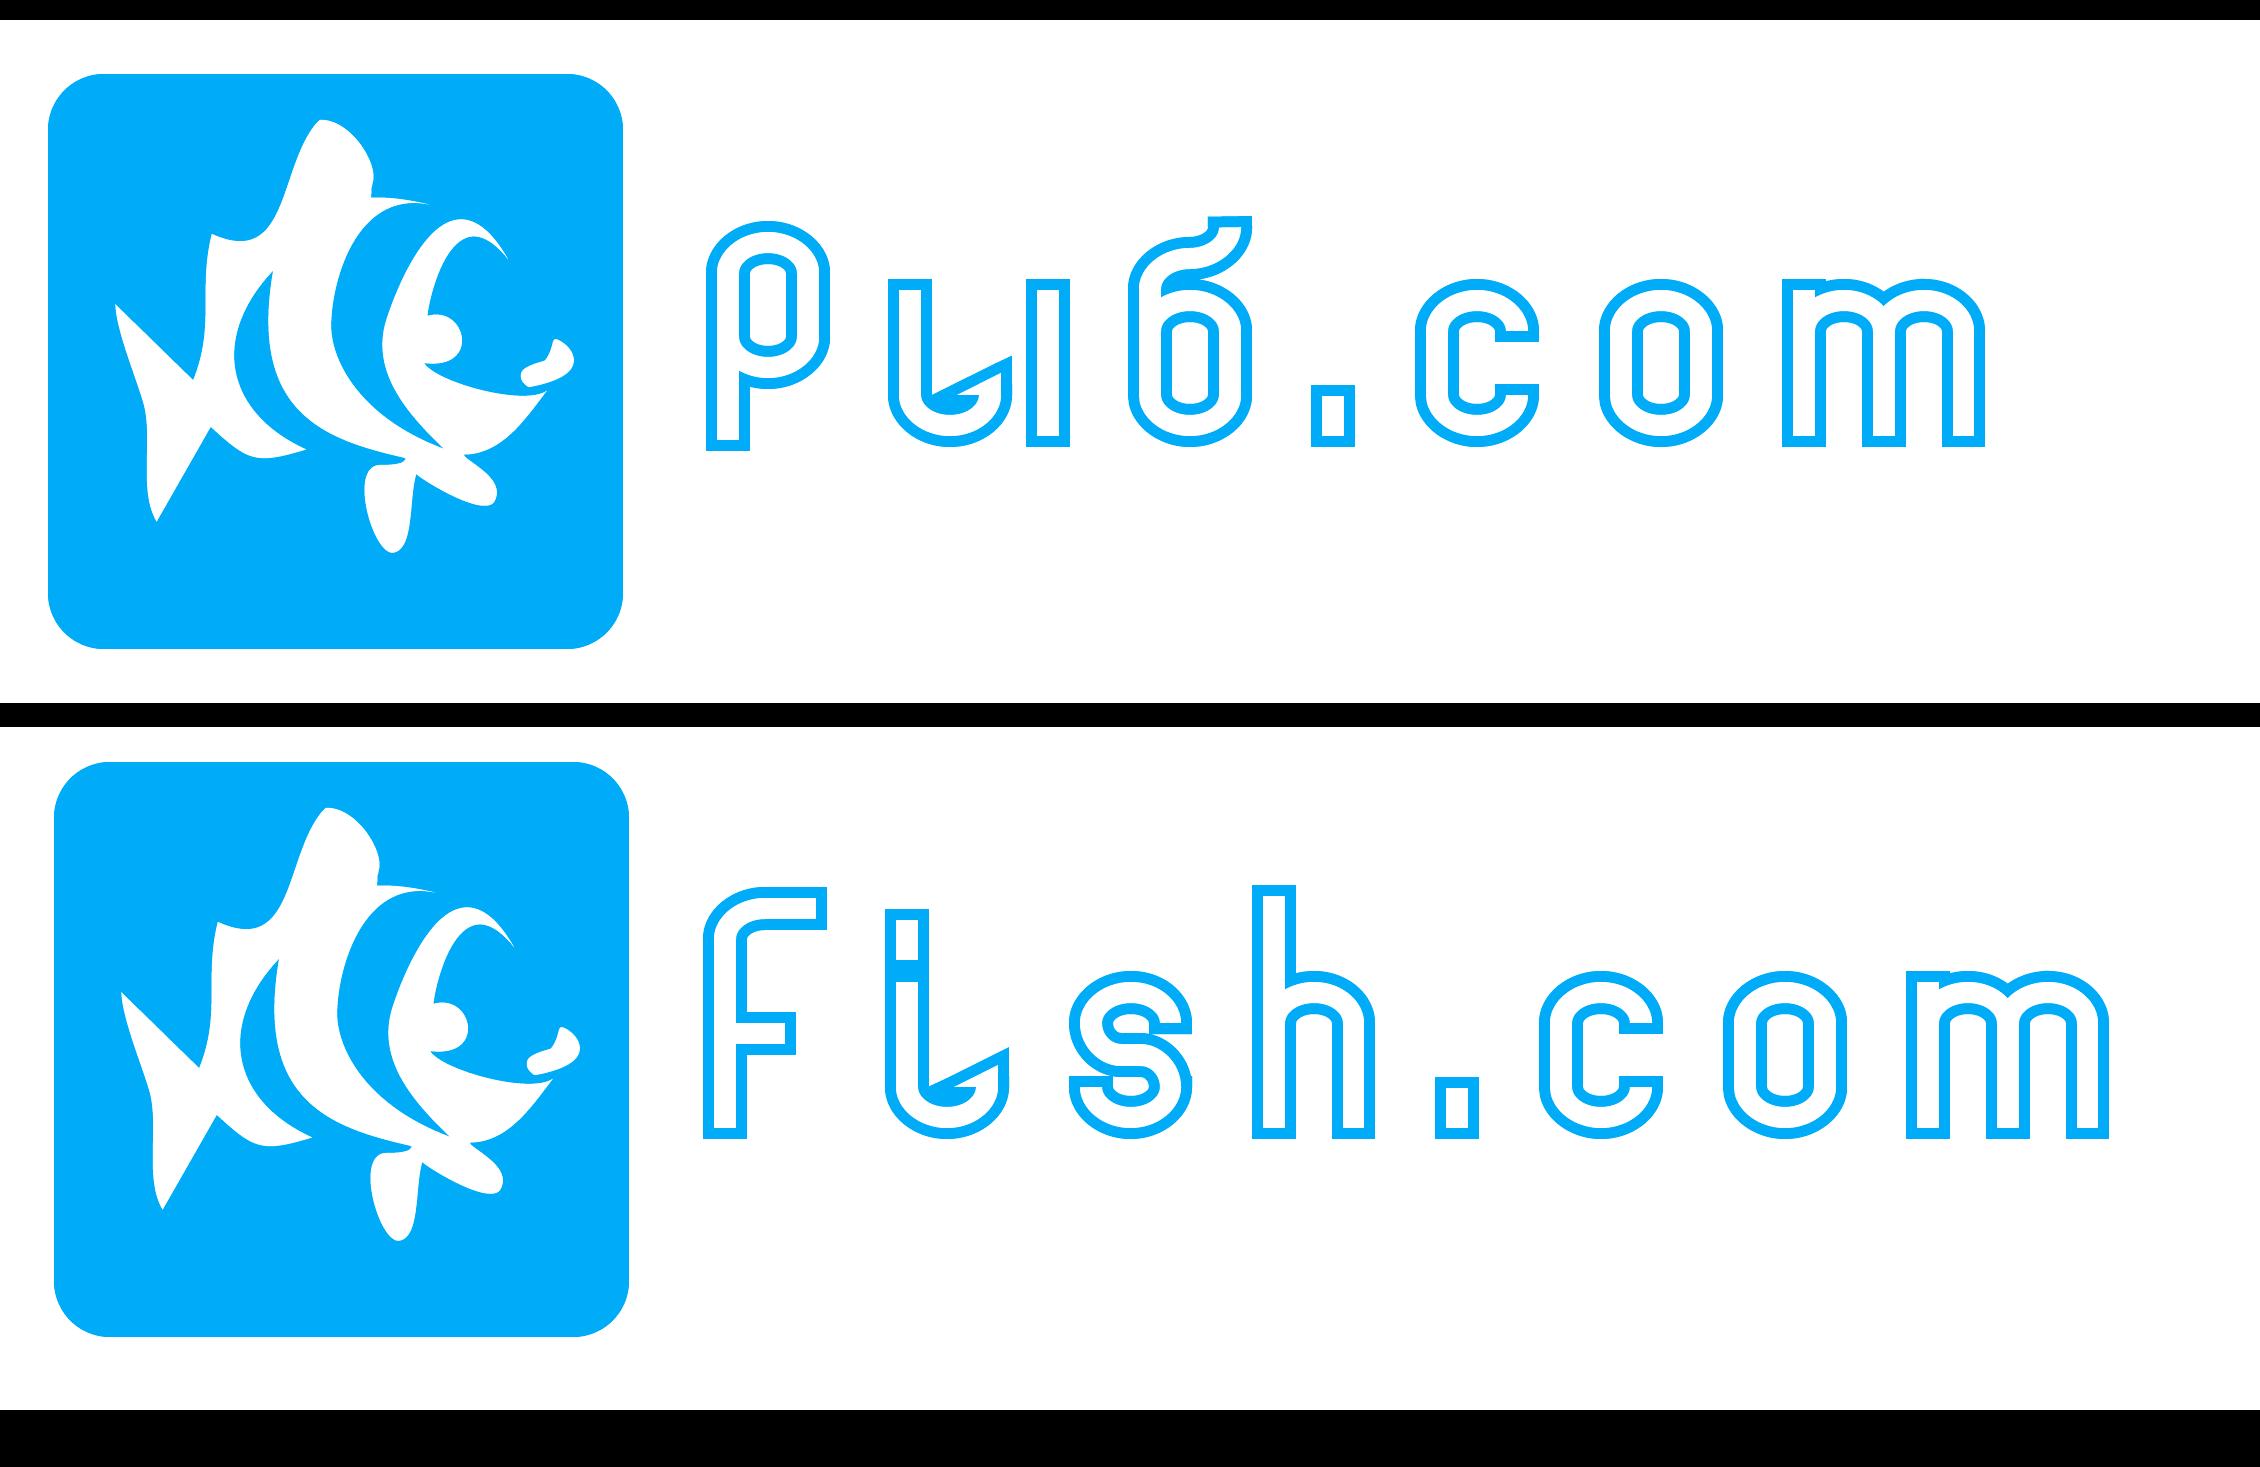 Создание логотипа и брэндбука для компании РЫБКОМ фото f_1475c0c5e7ea5bf6.png